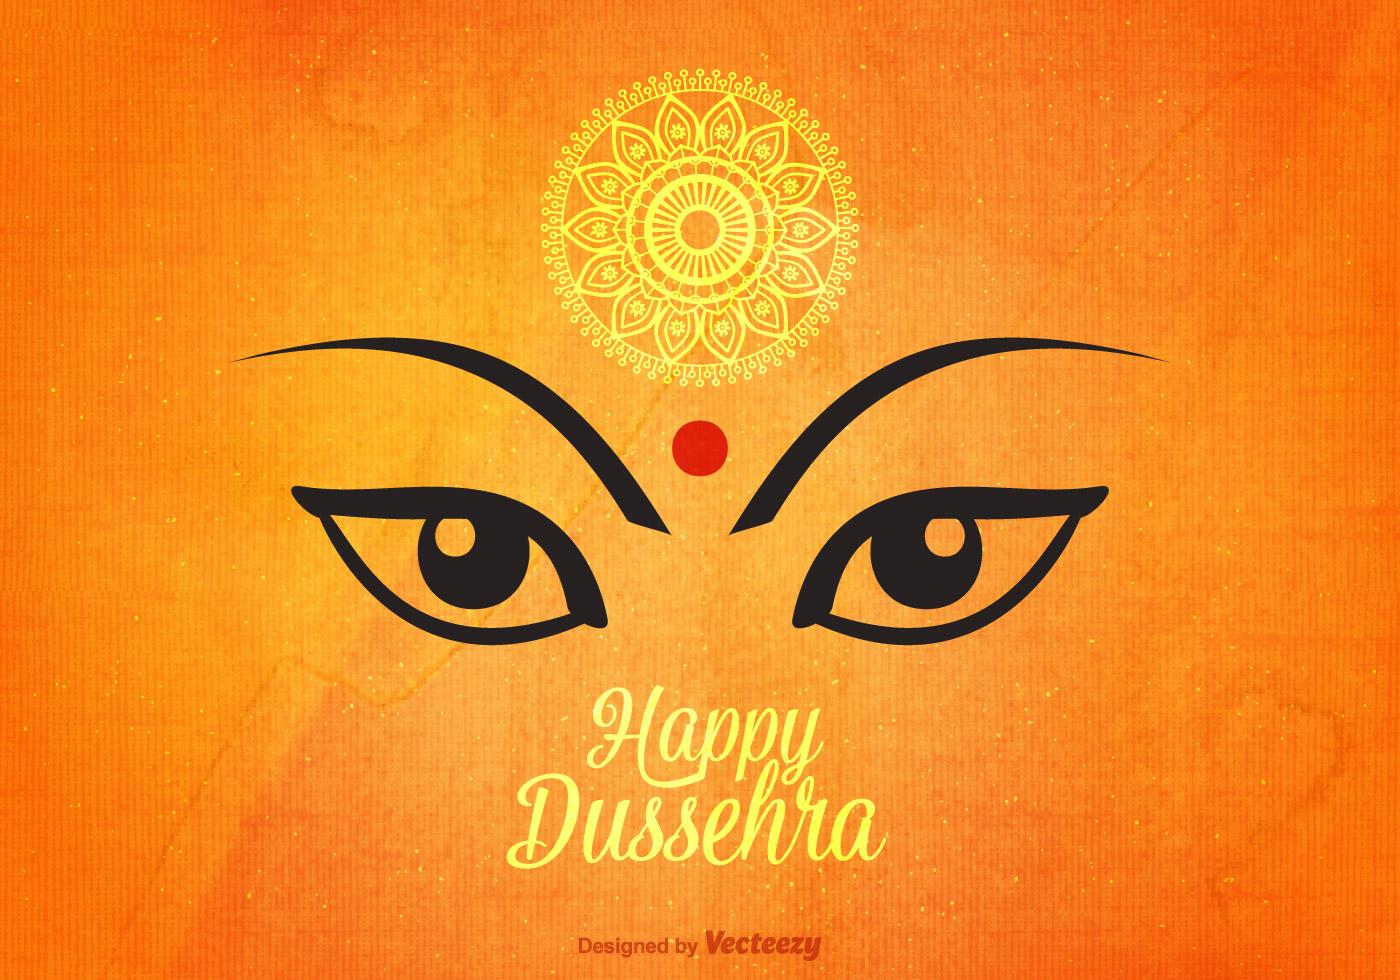 Happy Dussehra Vector Background Download Free Vector Art Stock